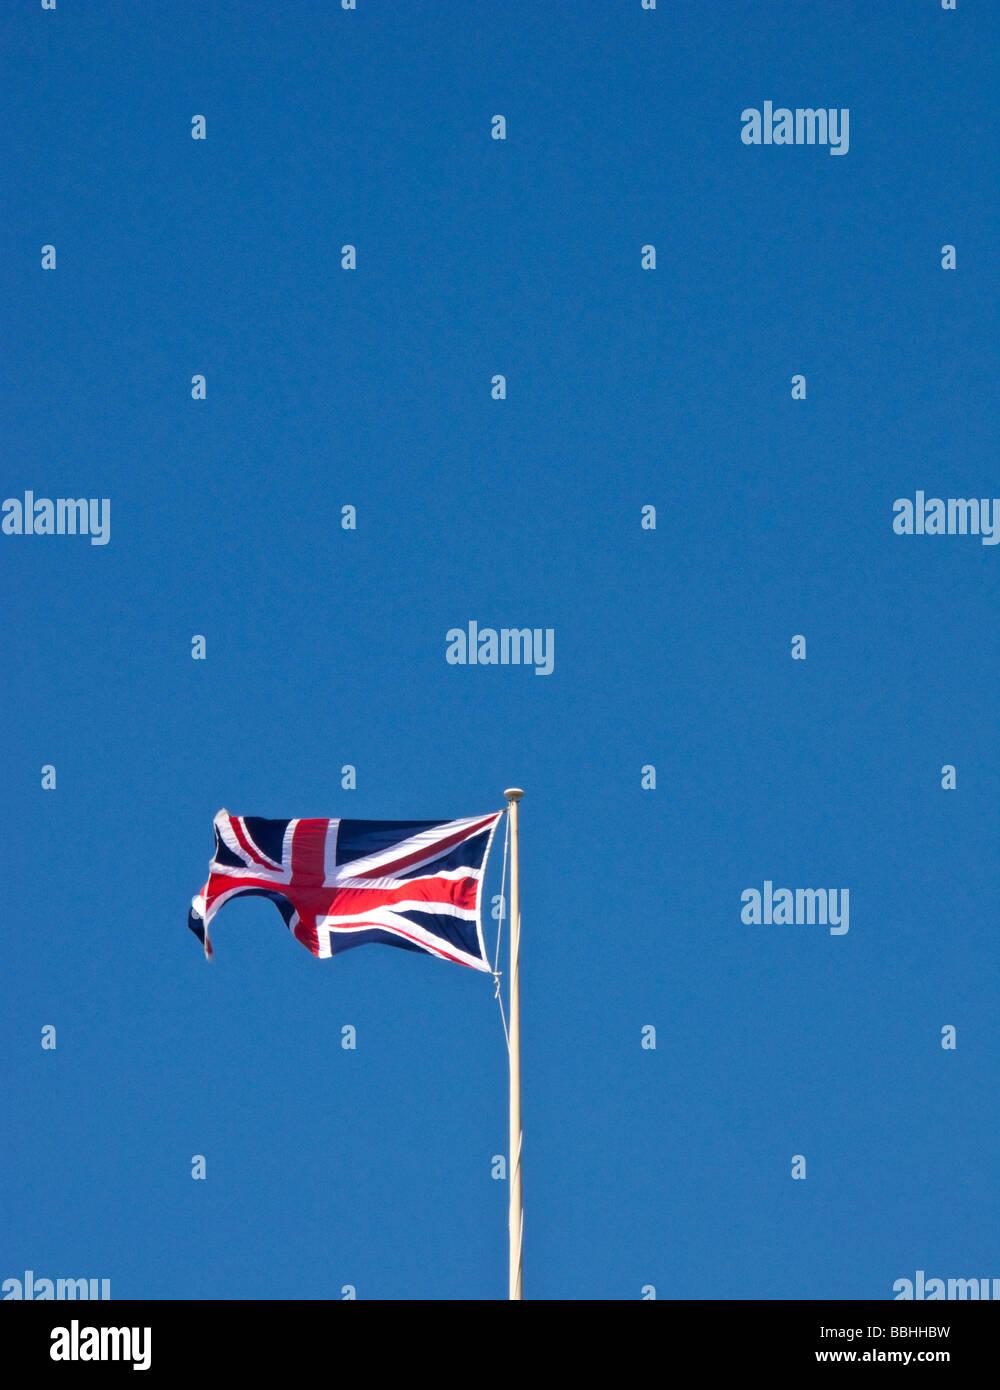 Unione battenti bandiera su un pennone contro un cielo blu Immagini Stock